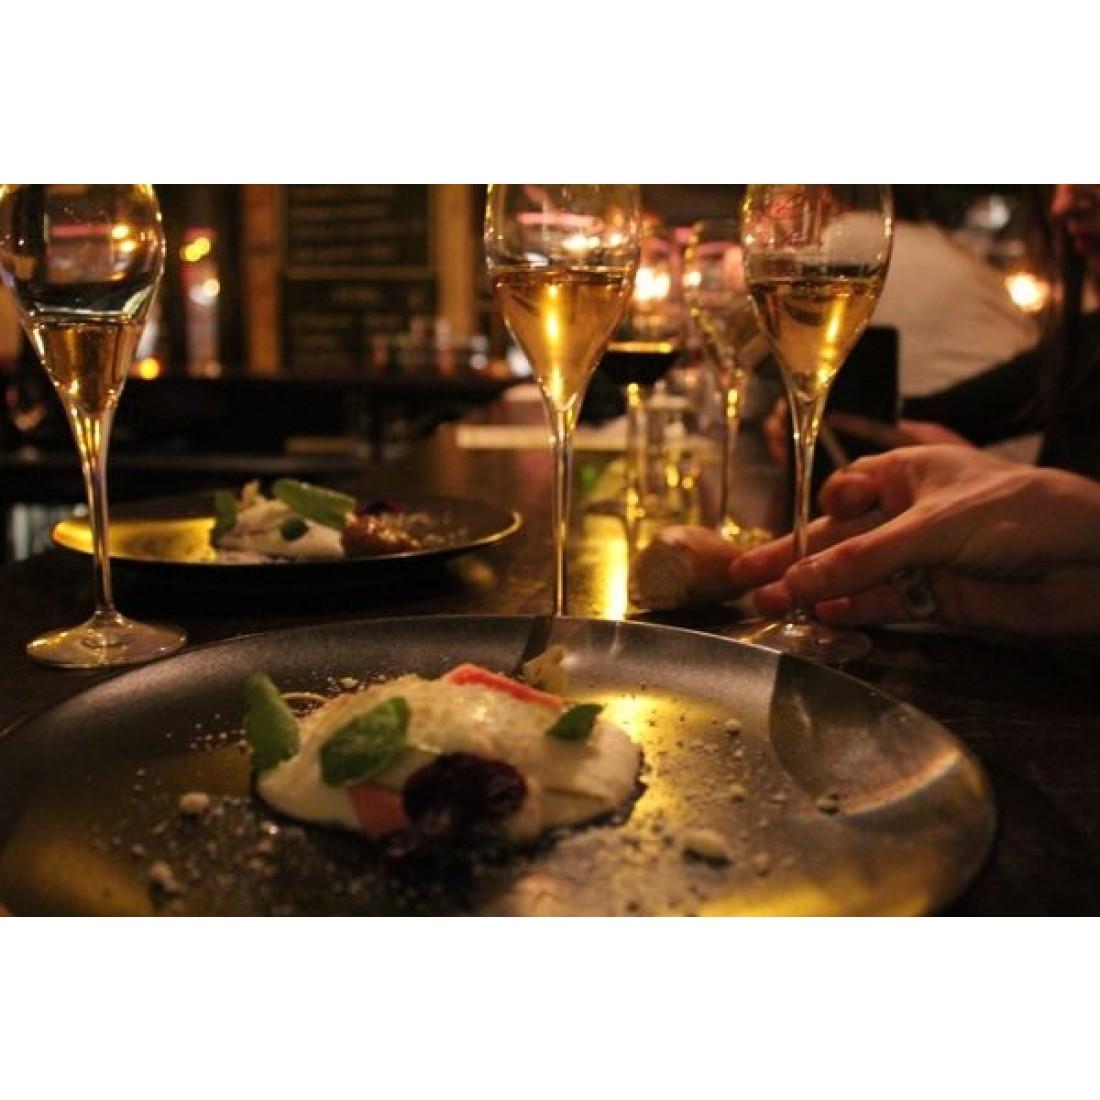 Champagnemiddag på Vesterbro Vinstue Tirsdag den 16 juni kl. 18.30-31